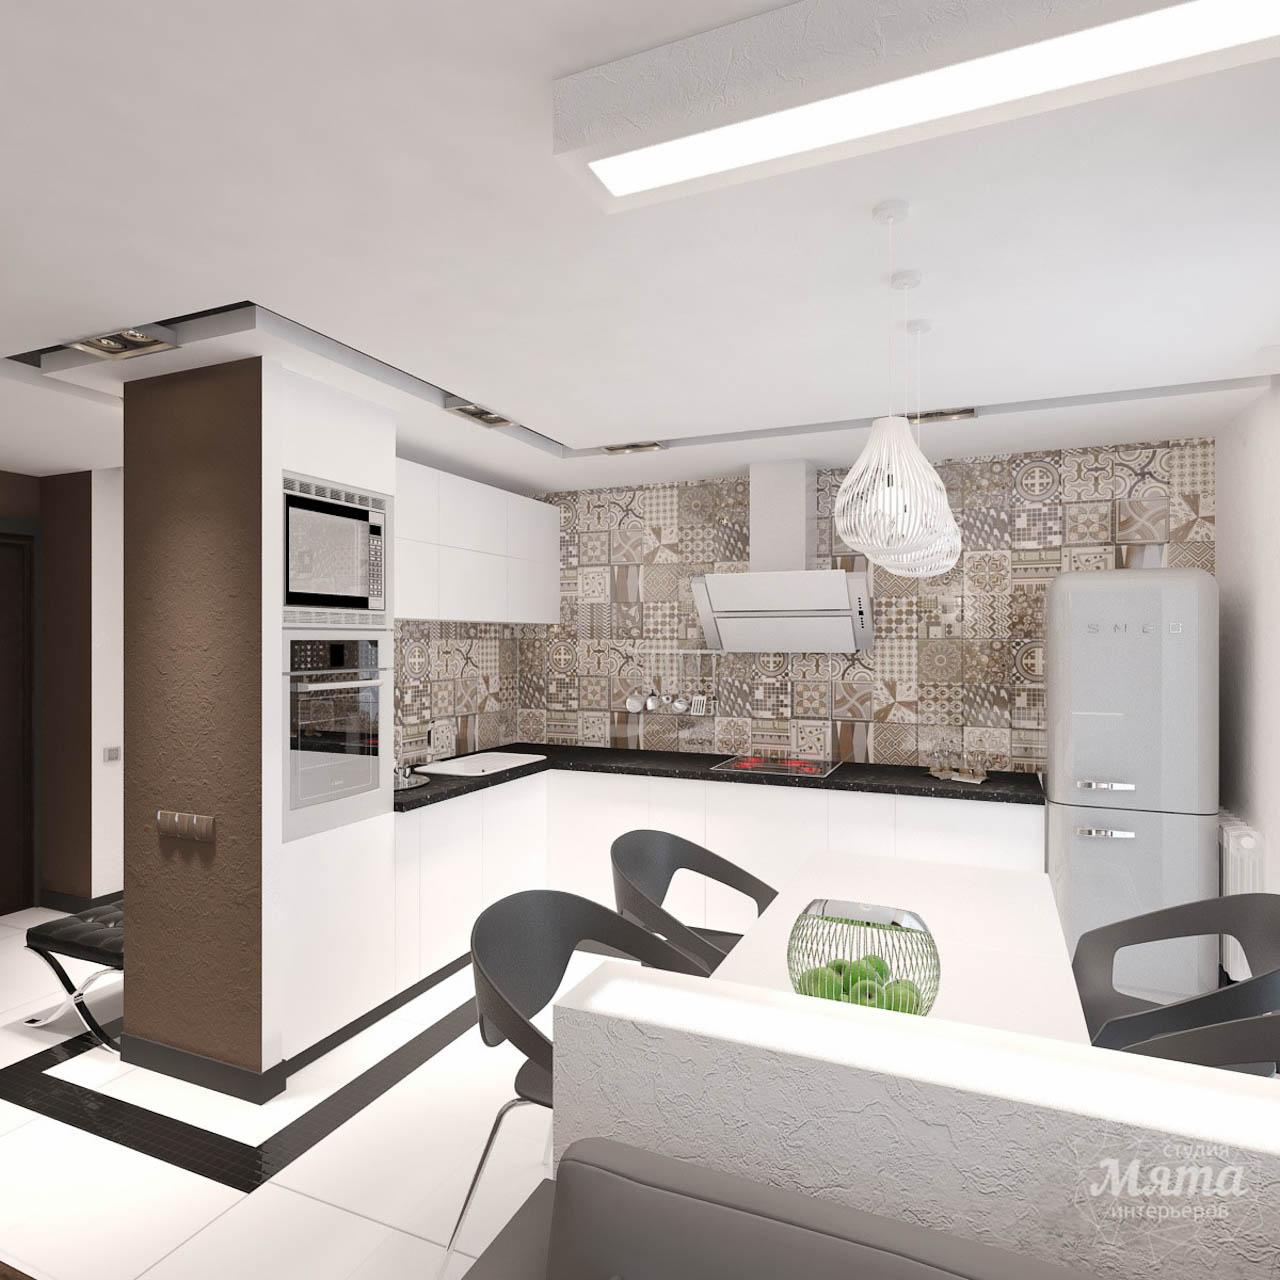 Дизайн интерьера однокомнатной квартиры по ул. Гагарина 27 img707806027